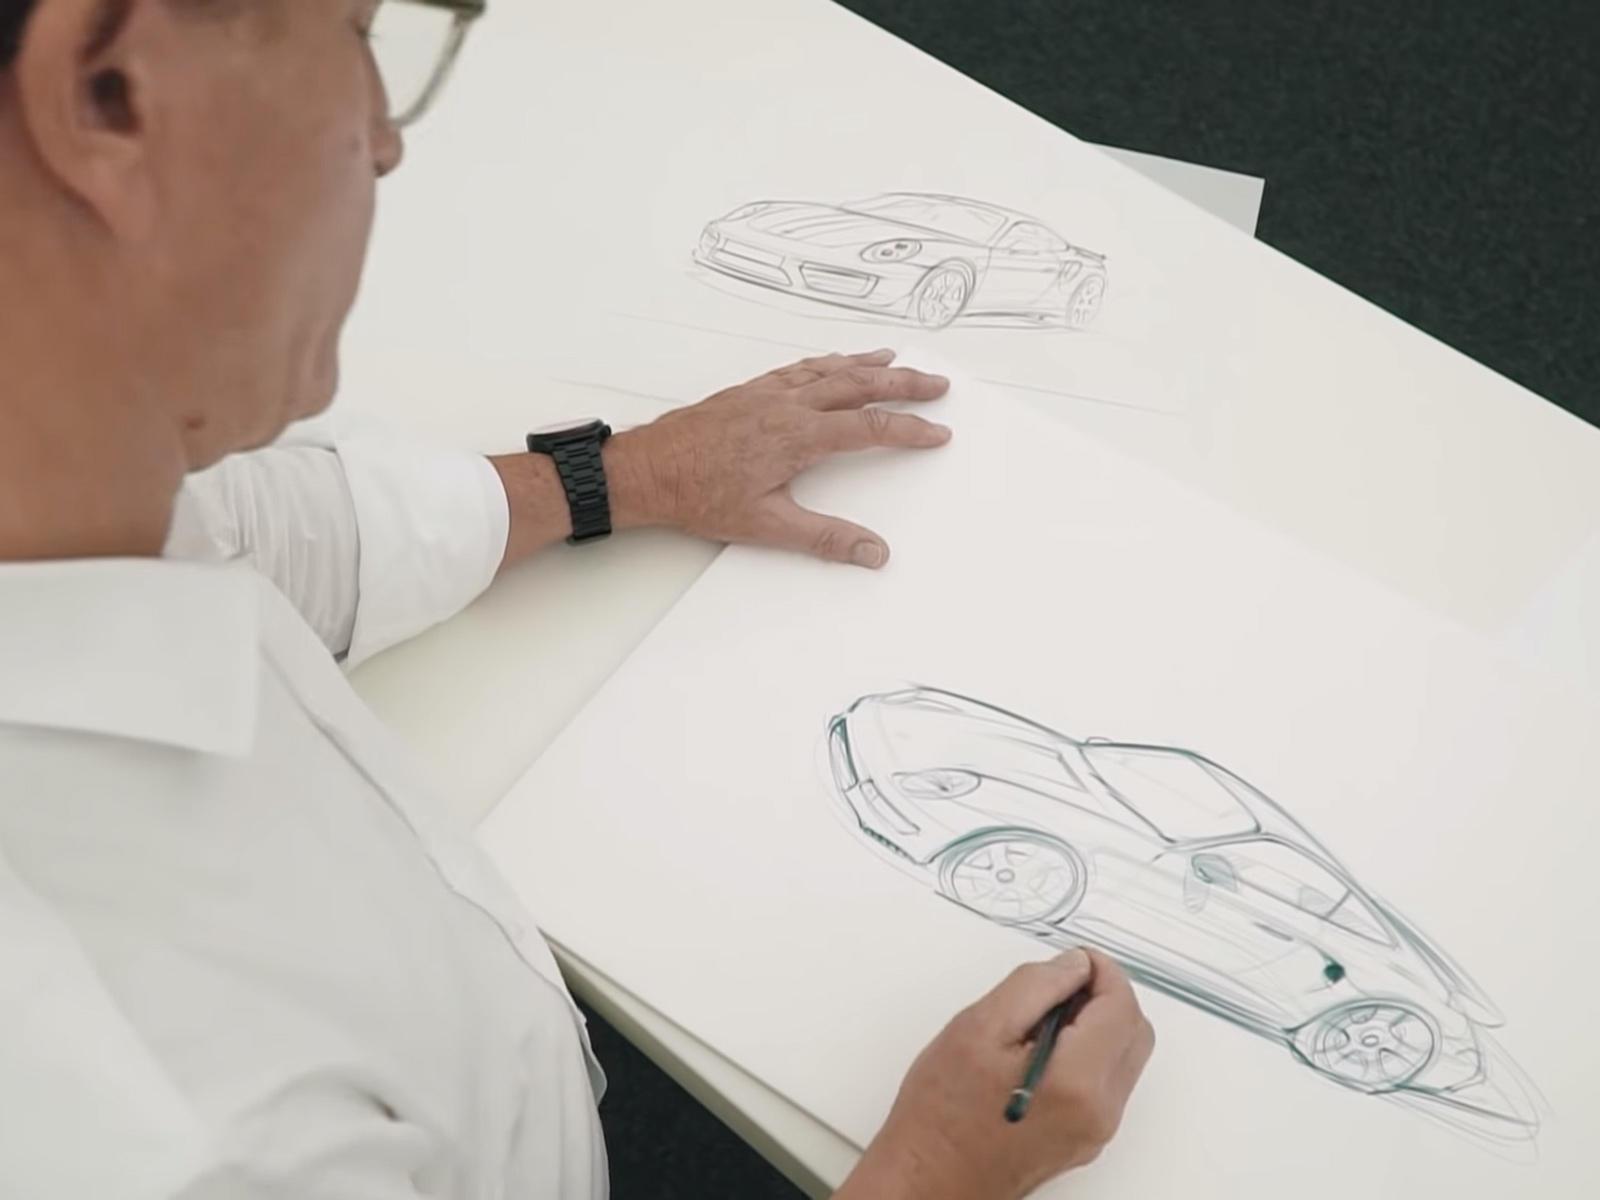 نسخة التيربو من طراز 911 فئة 993 من بورشه